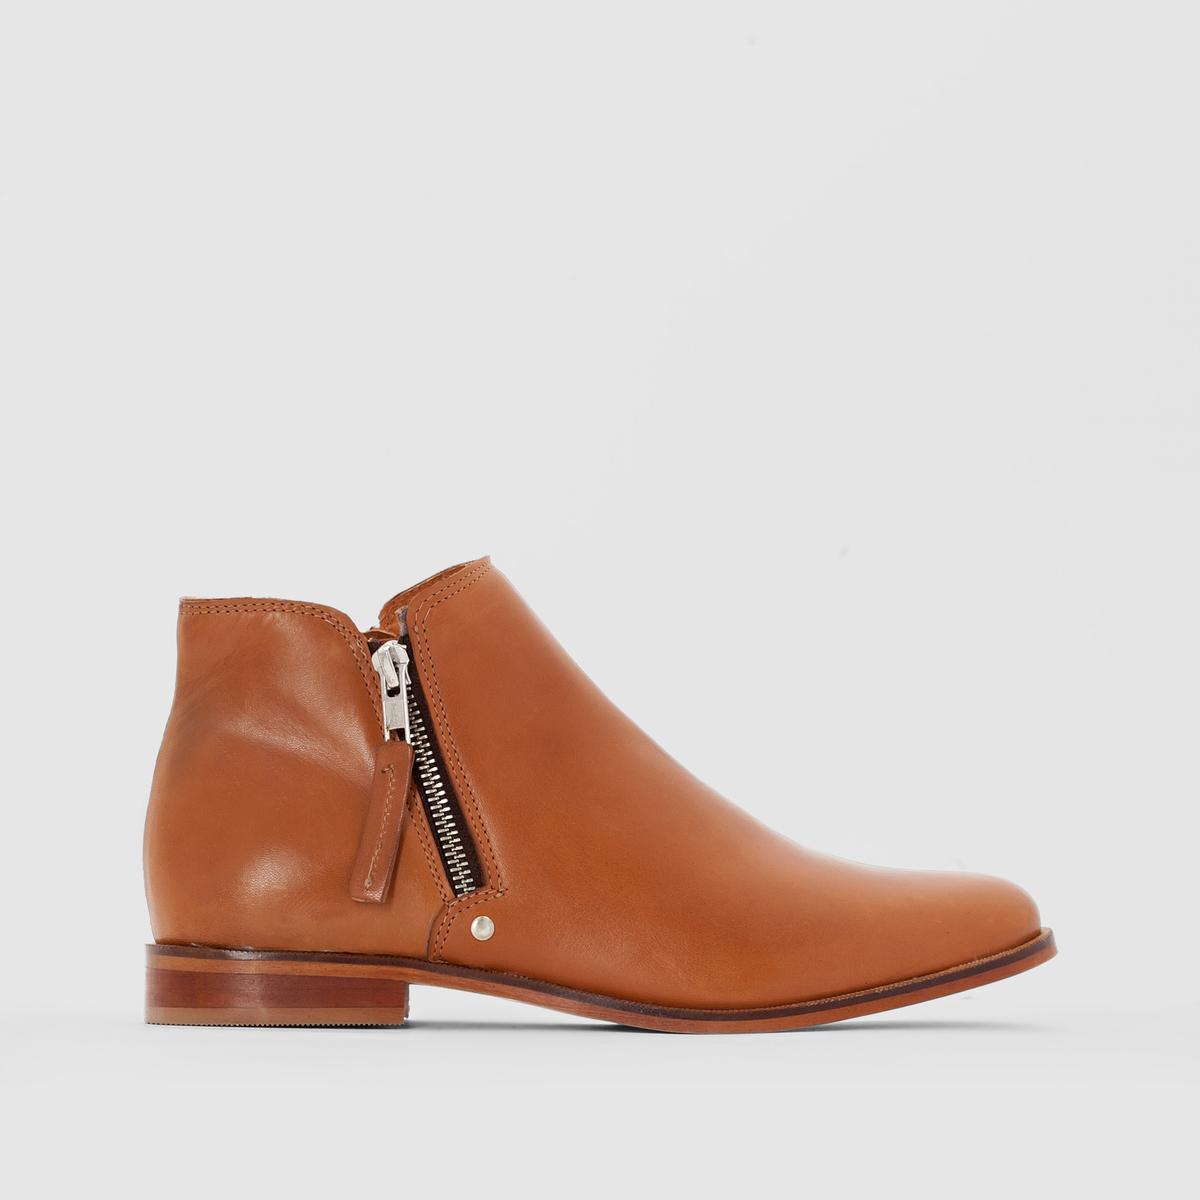 Ботильоны кожаные на широкую ногу, размеры 38-45Описание:Детали •  Высота каблука : 2 см. •  Застежка : на молнию •  Круглый мысокСостав и уход •  Верх 100% яловичная кожа •  Подкладка 100% синтетический материал •  Стелька 100% кожа •  Подошва 100% эластомер •  Произведено в Португалии<br><br>Цвет: темно-бежевый,черный<br>Размер: 43.39.45.44.39.41